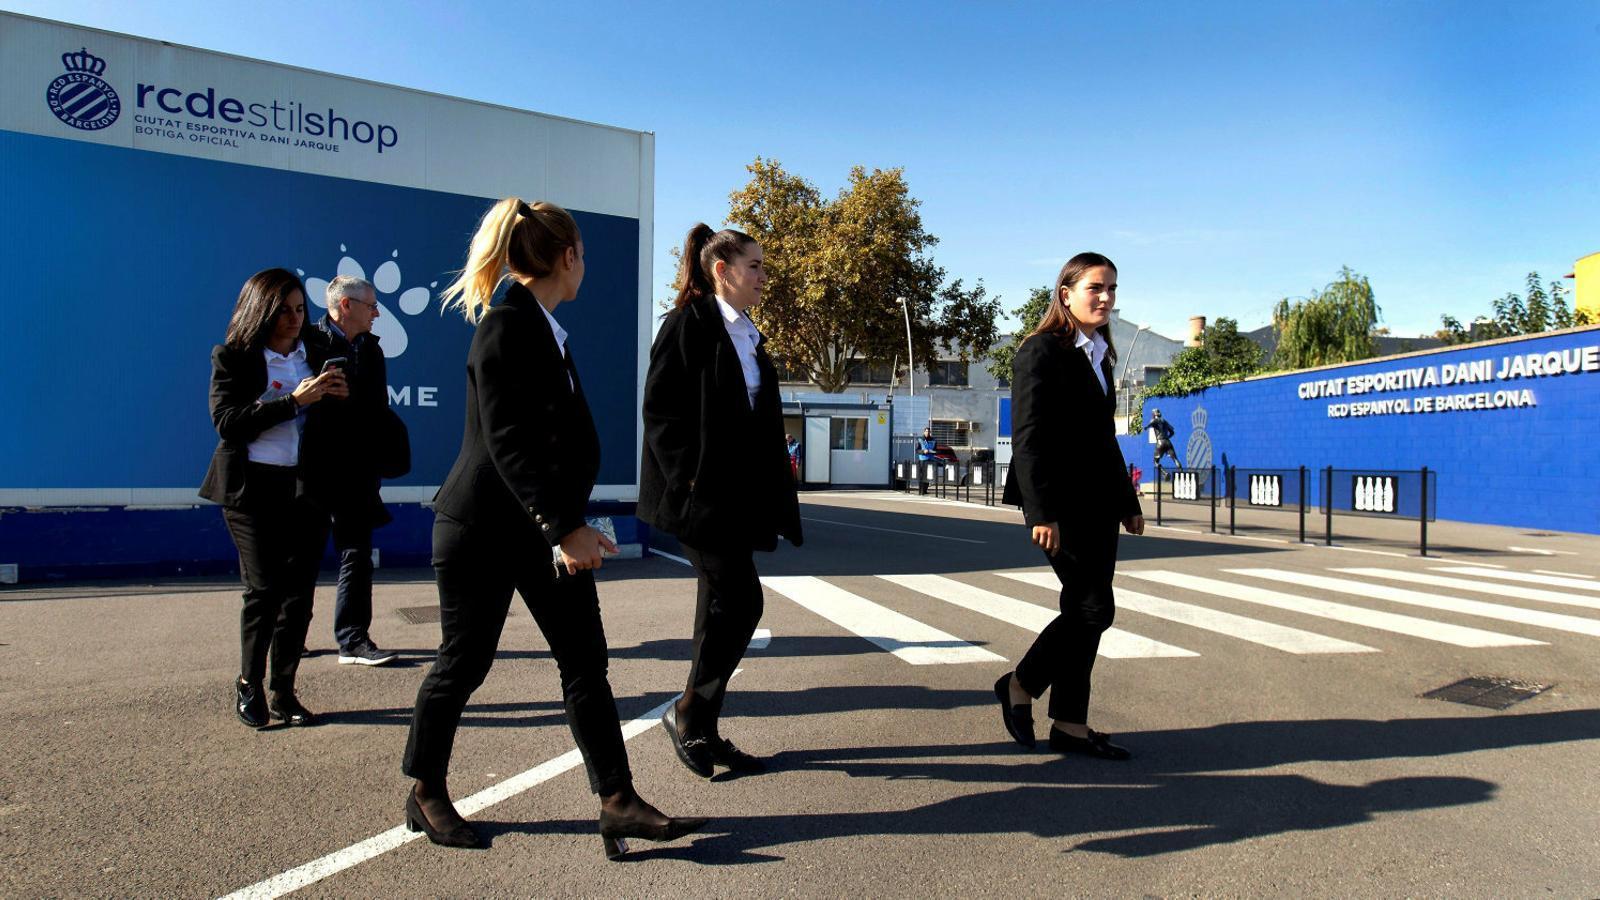 L'equip arbitral del partit Espanyol-Granadilla abandonant la Ciutat esportiva Dani Jarque ahir.